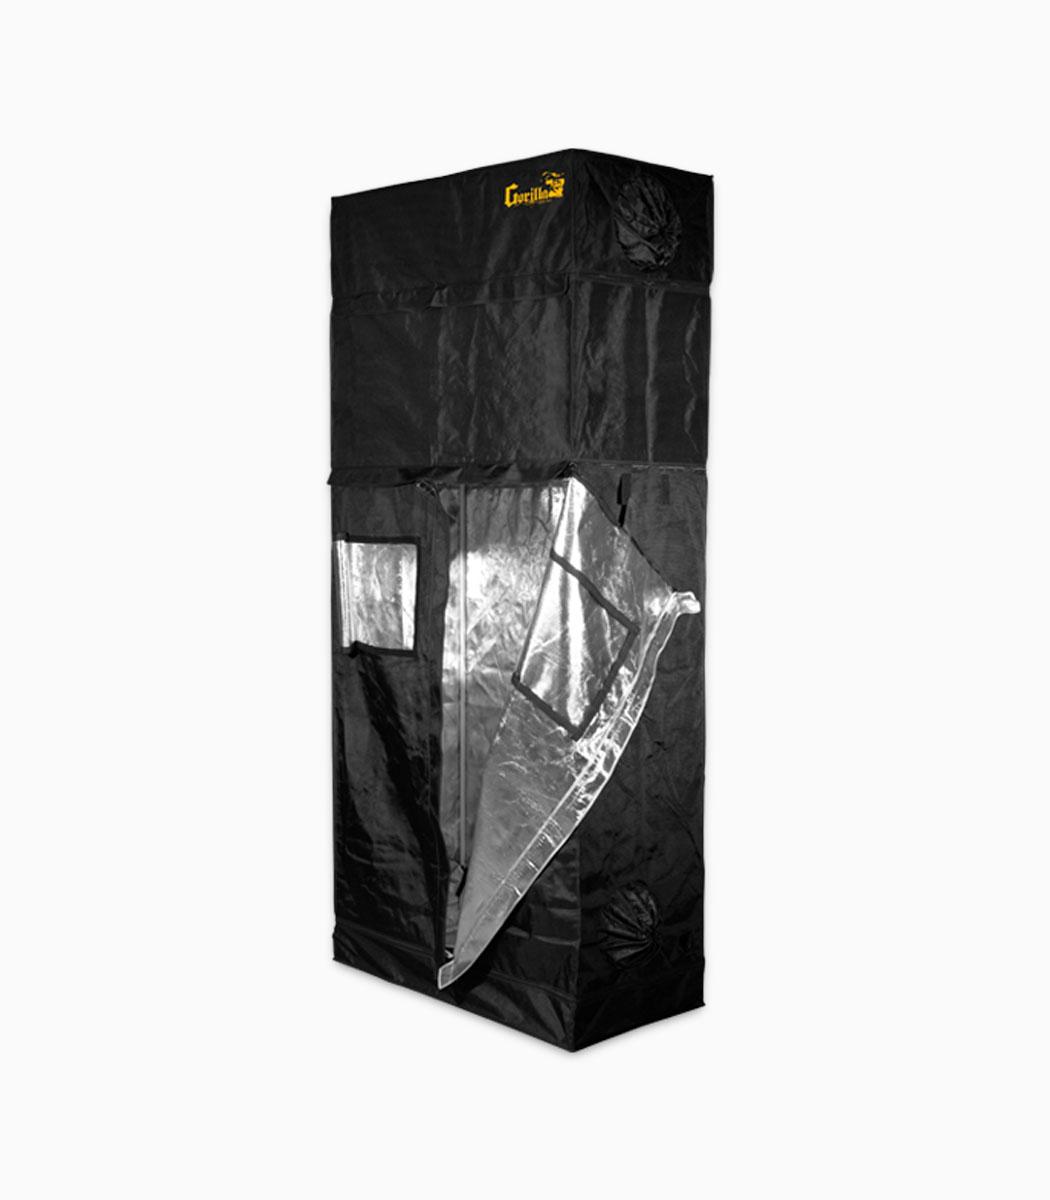 Gorilla Grow Tent 2 x 4 GGT24